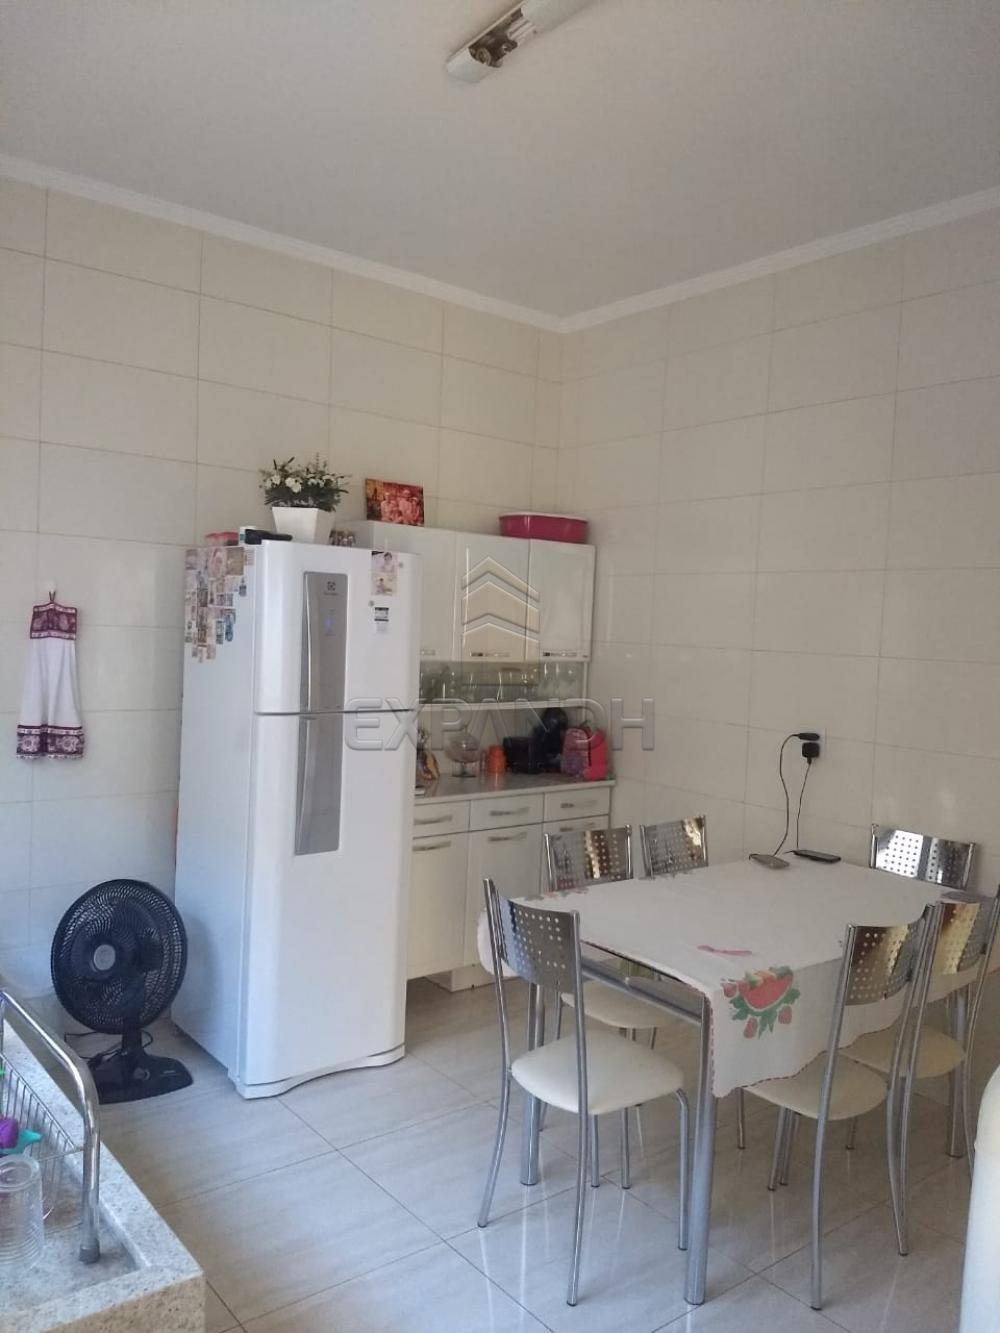 Comprar Casas / Padrão em Sertãozinho R$ 370.000,00 - Foto 8